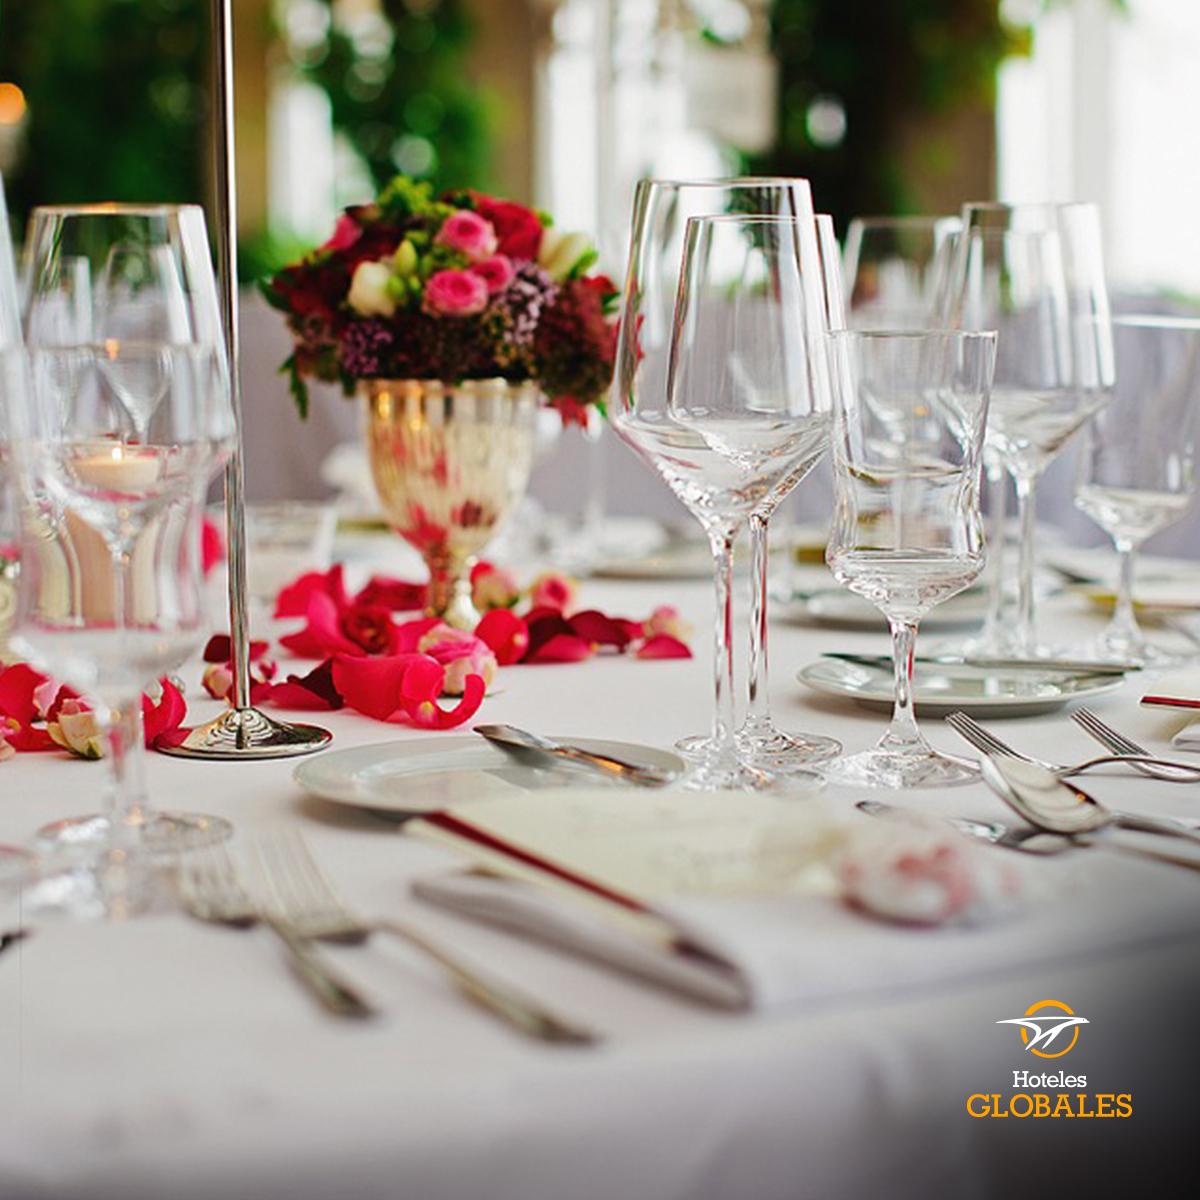 Cena de Nochevieja y cotillon en el hotel Reina Cristina